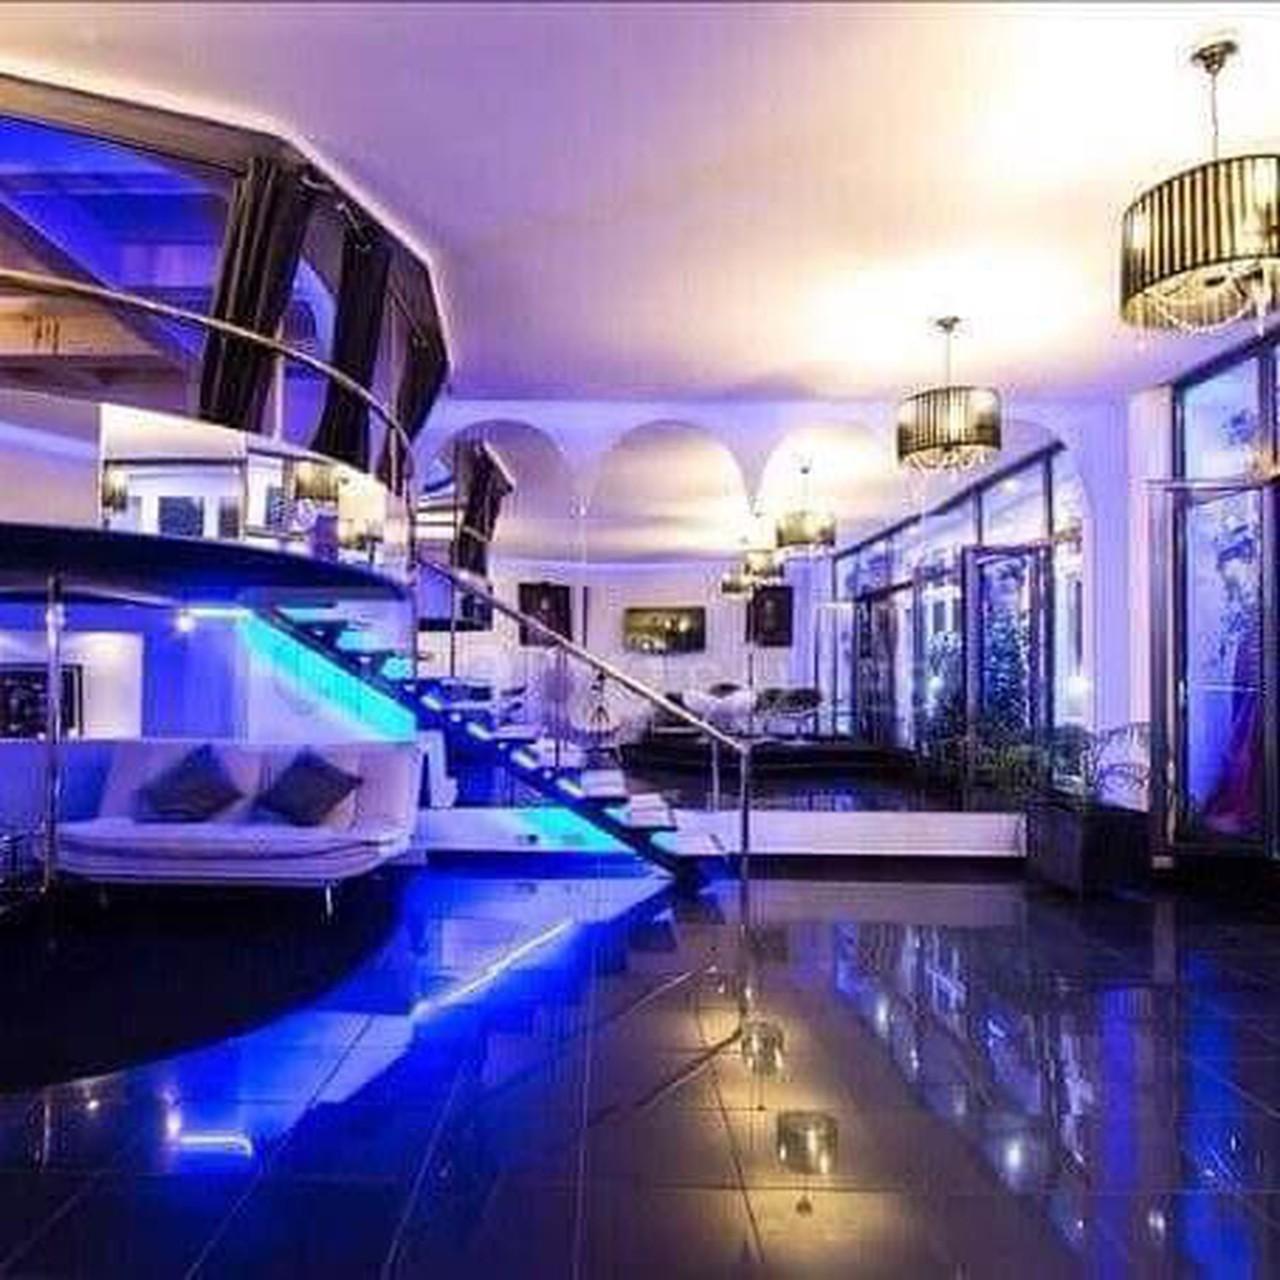 Paris training rooms Außergewöhnlich Ausstellungsraum für Abendveranstaltungen image 2